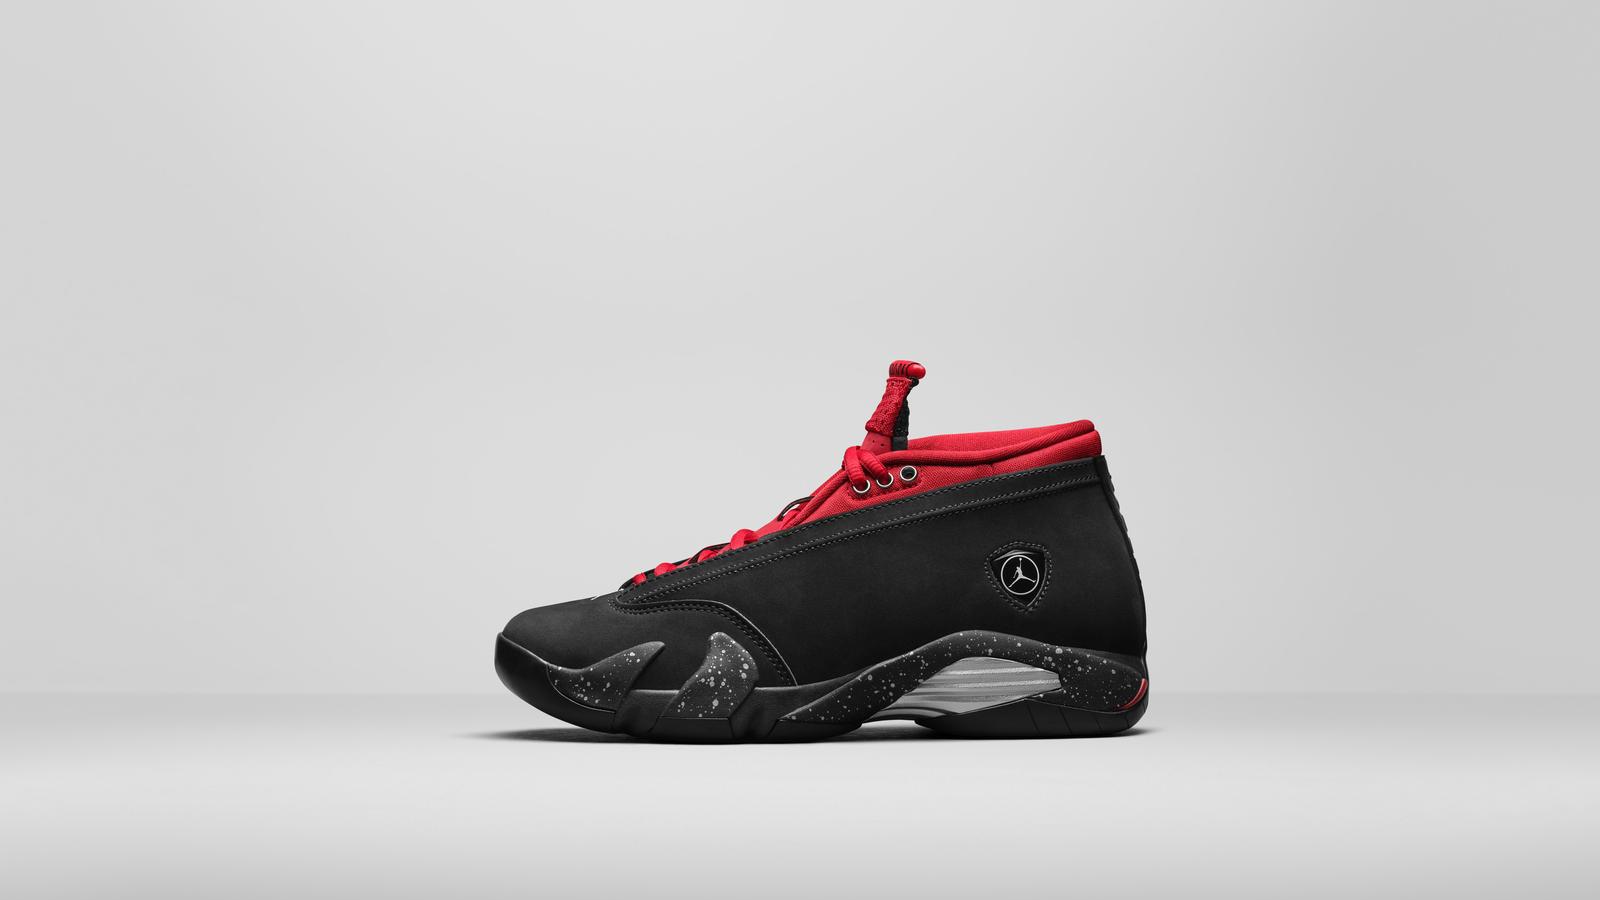 Jordan Brand Retro Preview Fall 2021 Air Jordan 11 Low IE Official Images Release Date 15